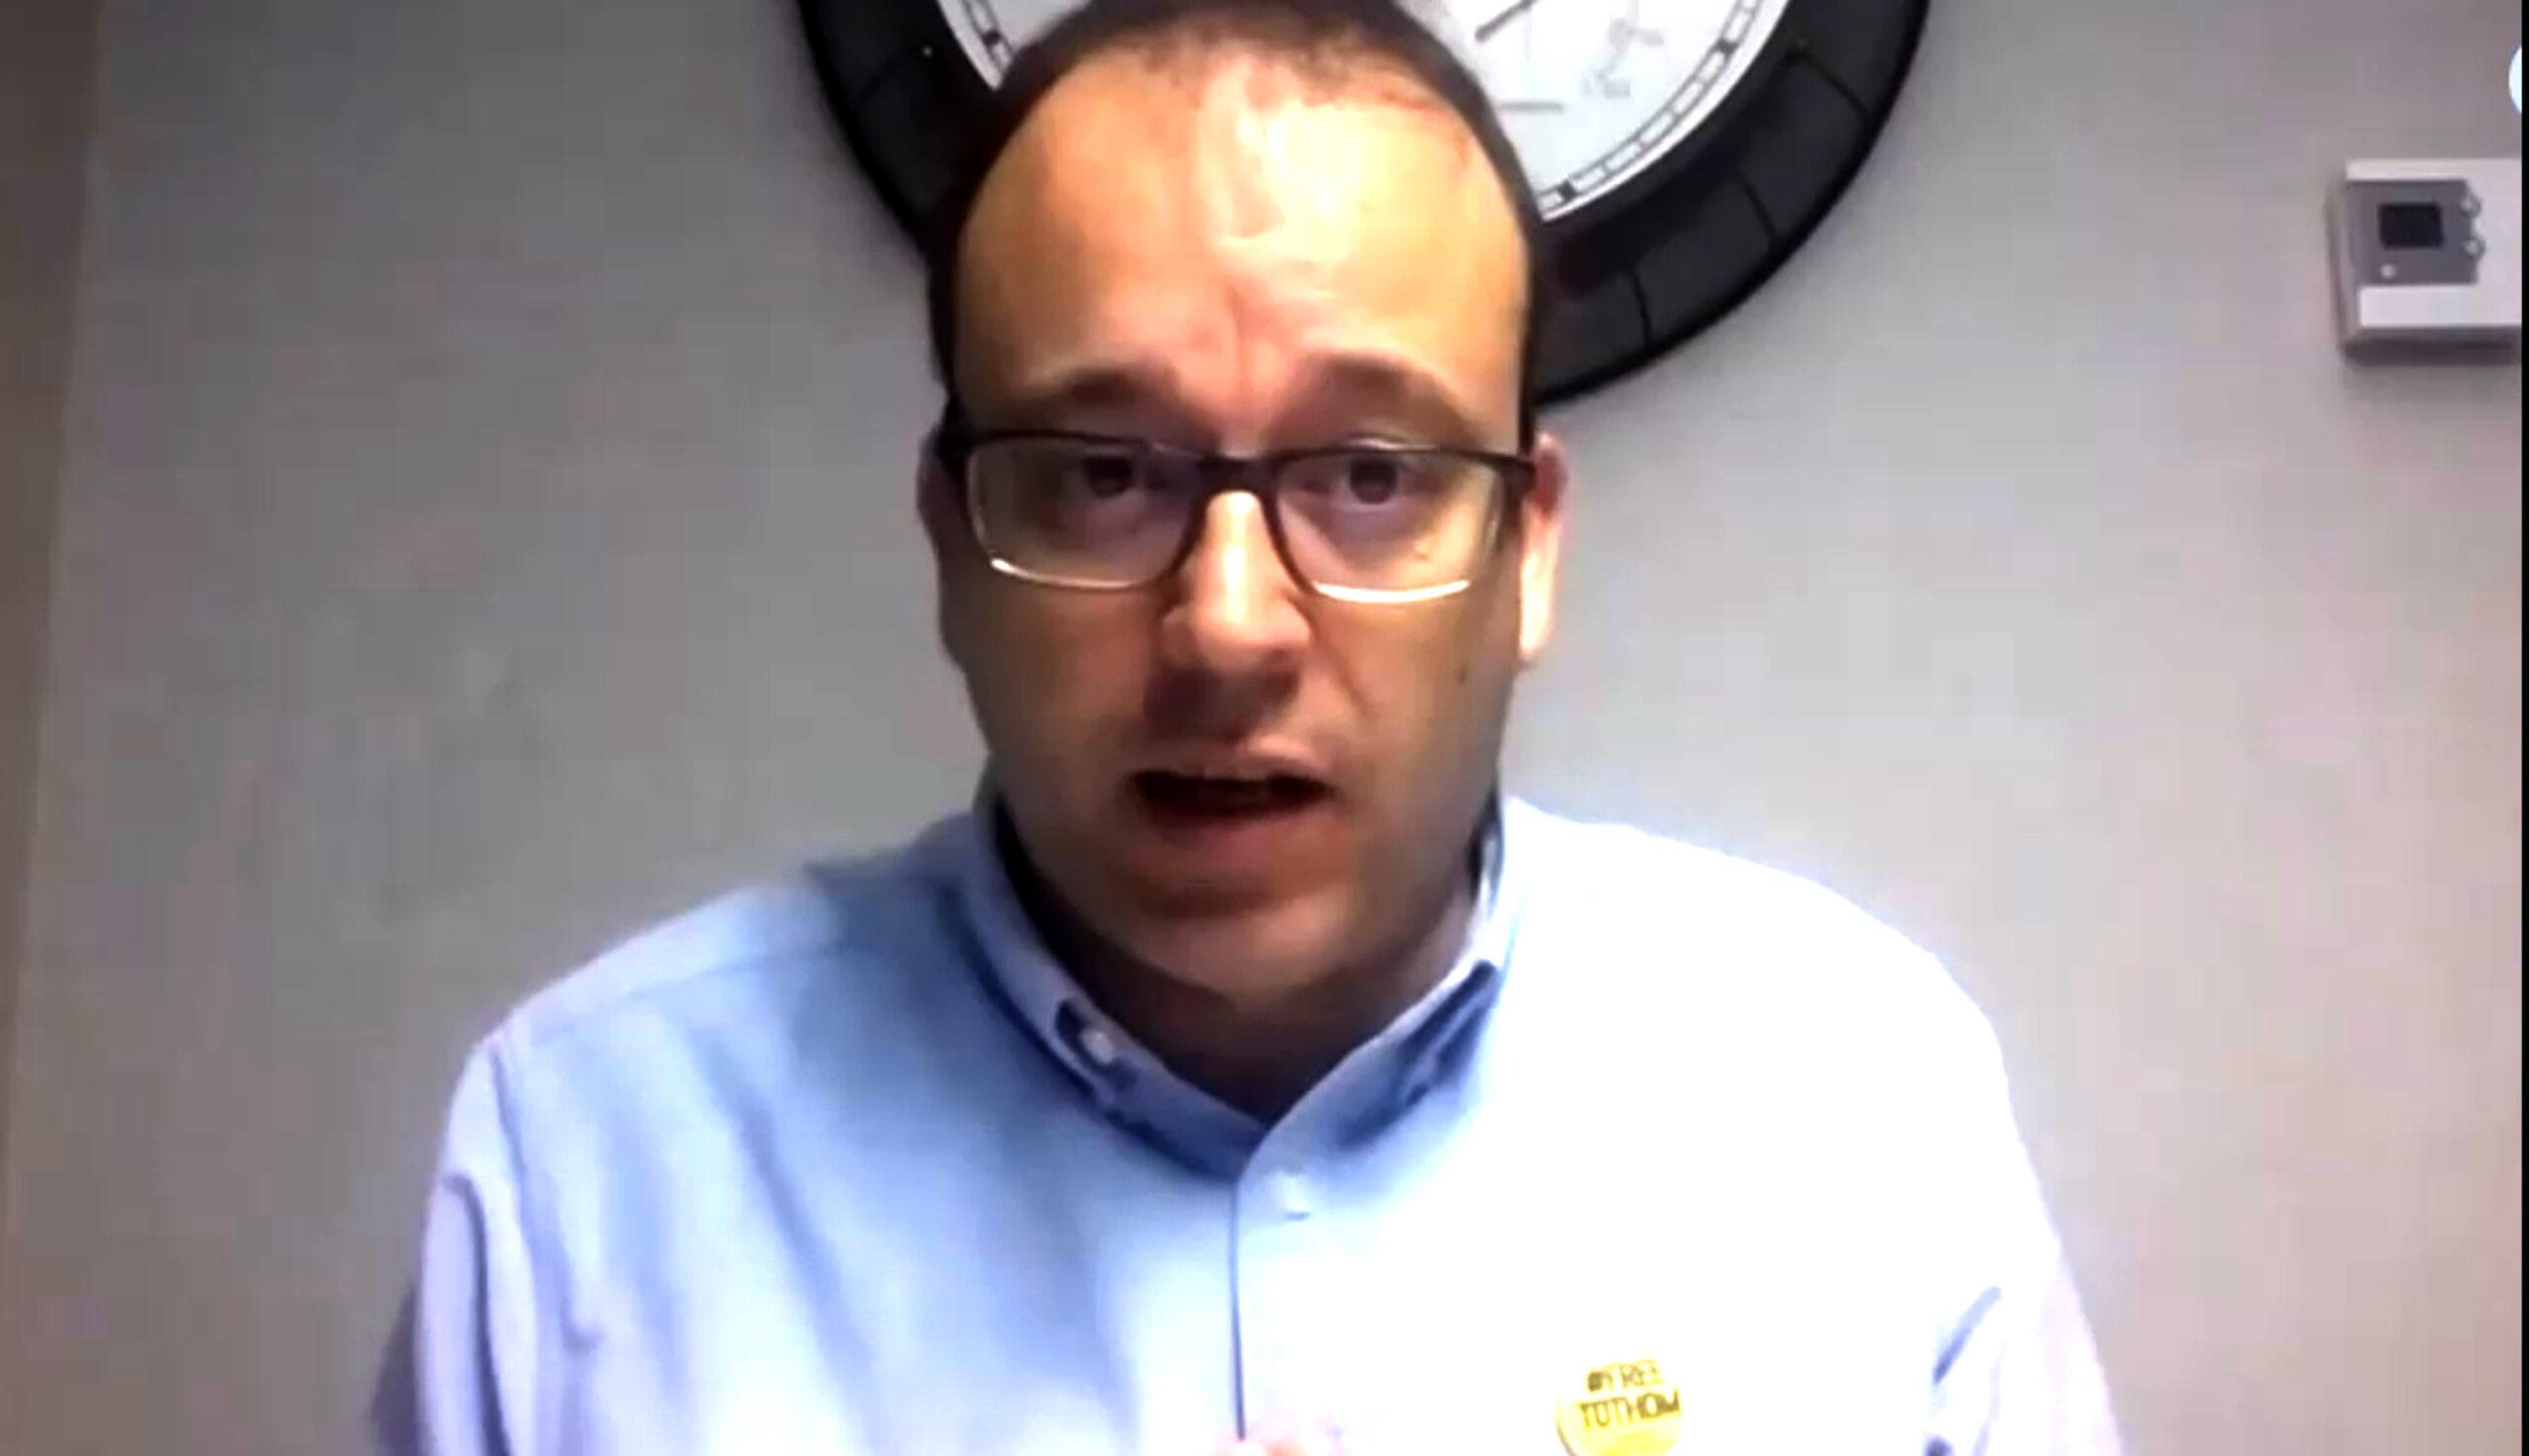 Captura d'imatge de la videconferència setmanal que ofereix l'alcalde de Mollerussa, Marc Solsona, per informar de la situació per la covid-19, el 21 d'abril de 2020. (Horitzontal)